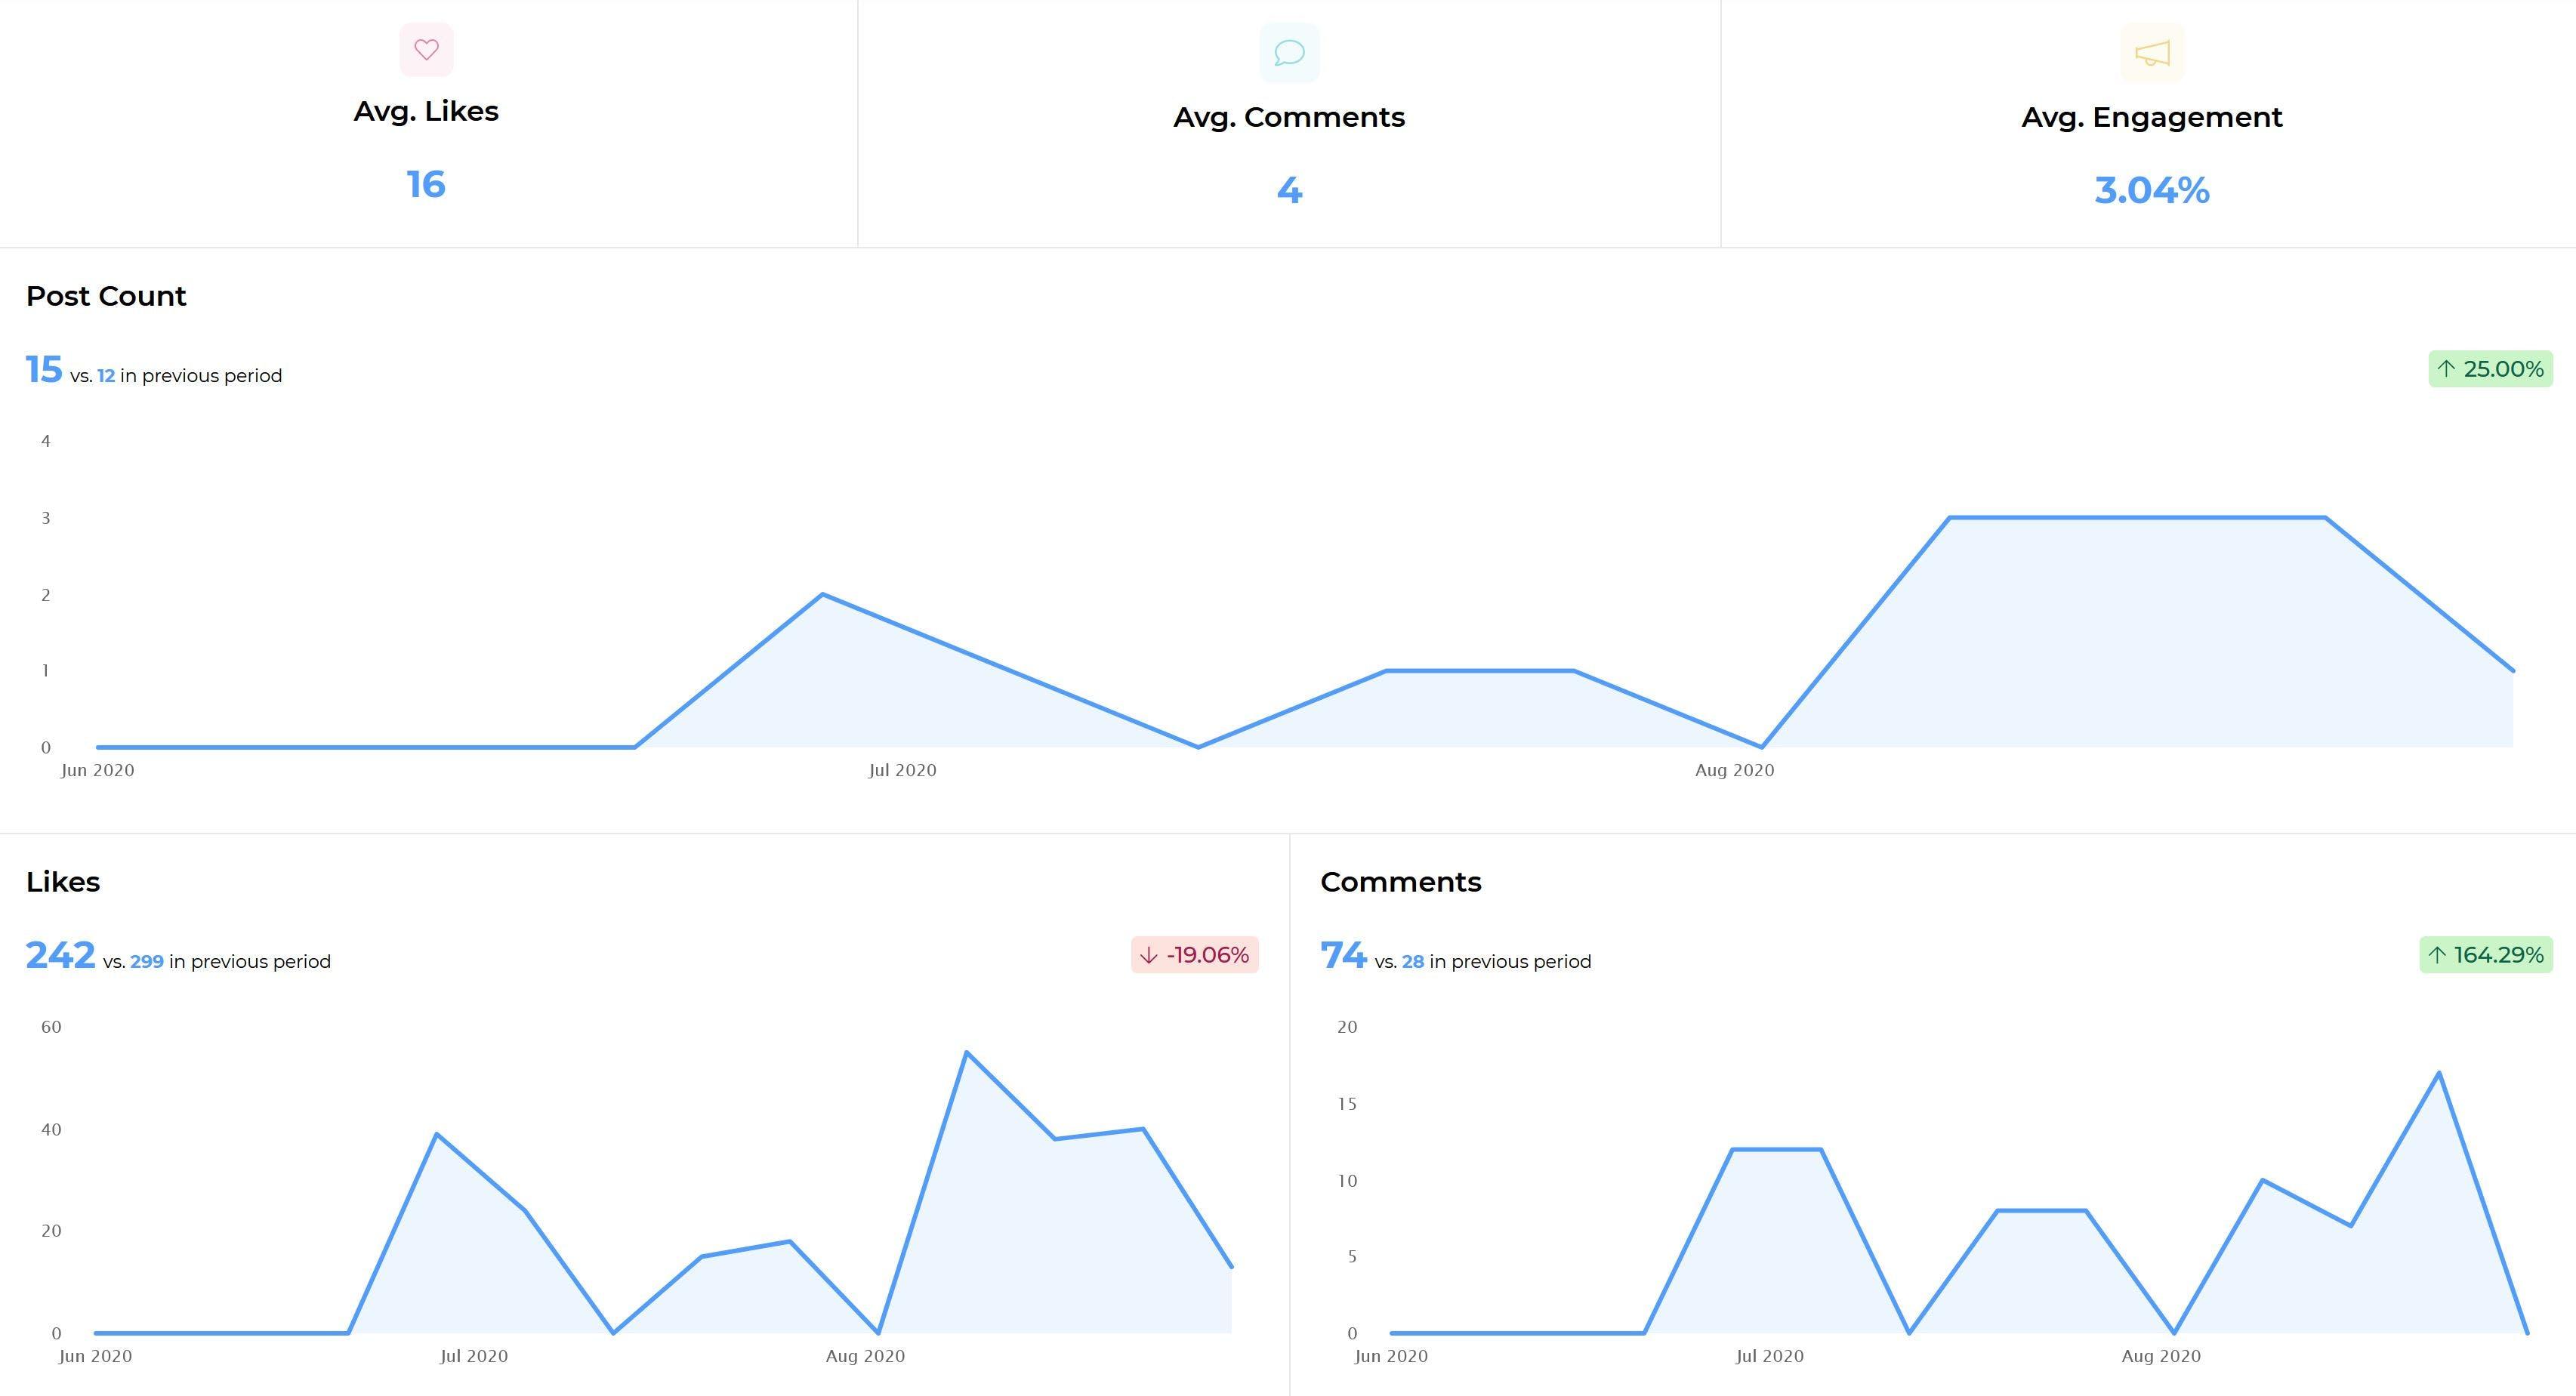 Publica análisis para tu perfil comercial de Instagram, en sharemyinsights.com